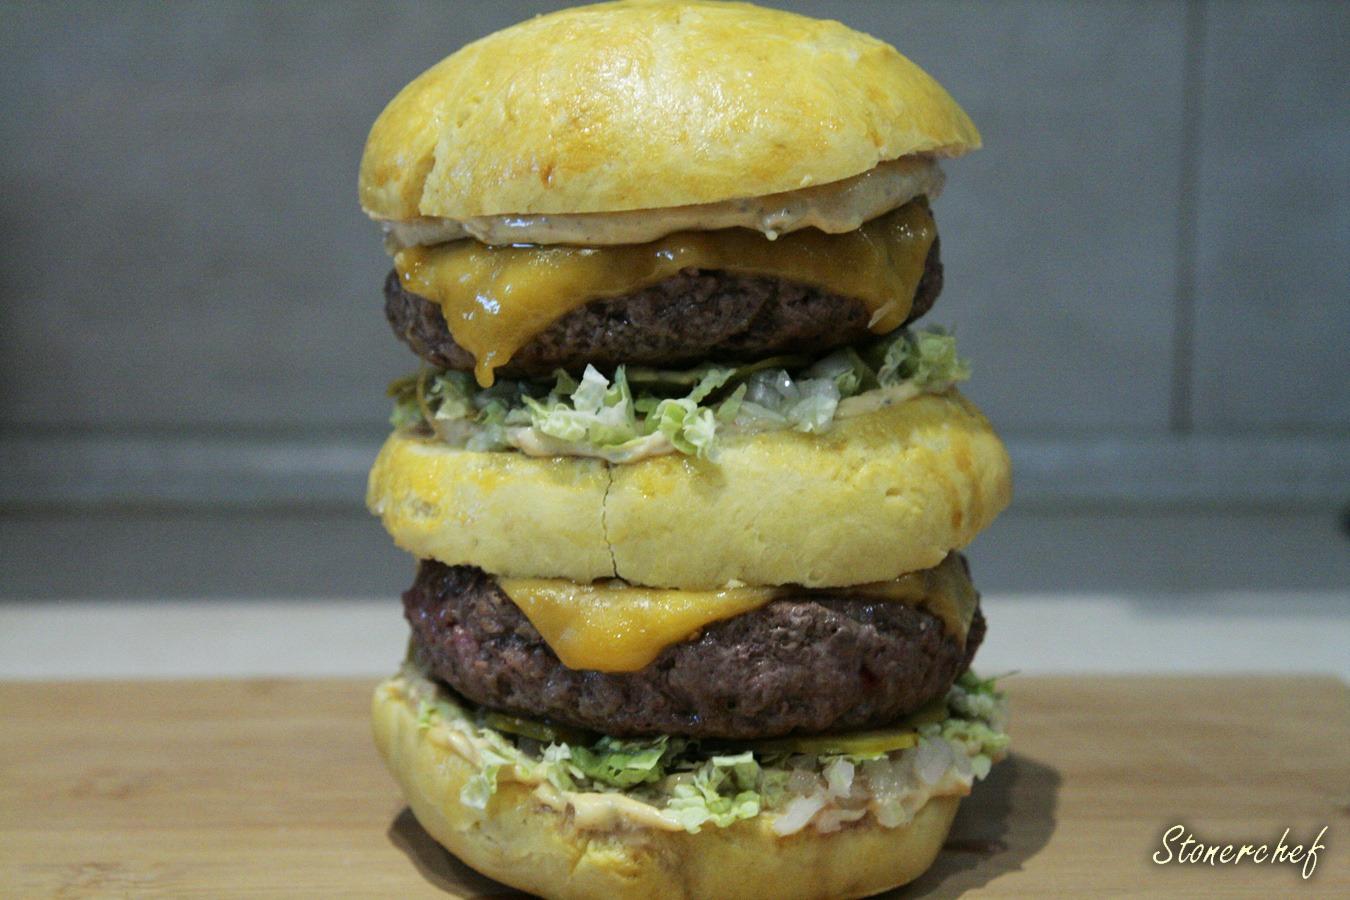 http://www.stonerchef.pl/wp-content/uploads/2016/09/przepiekny-pietrowy-burger-z-sosem-do-big-maca.jpg